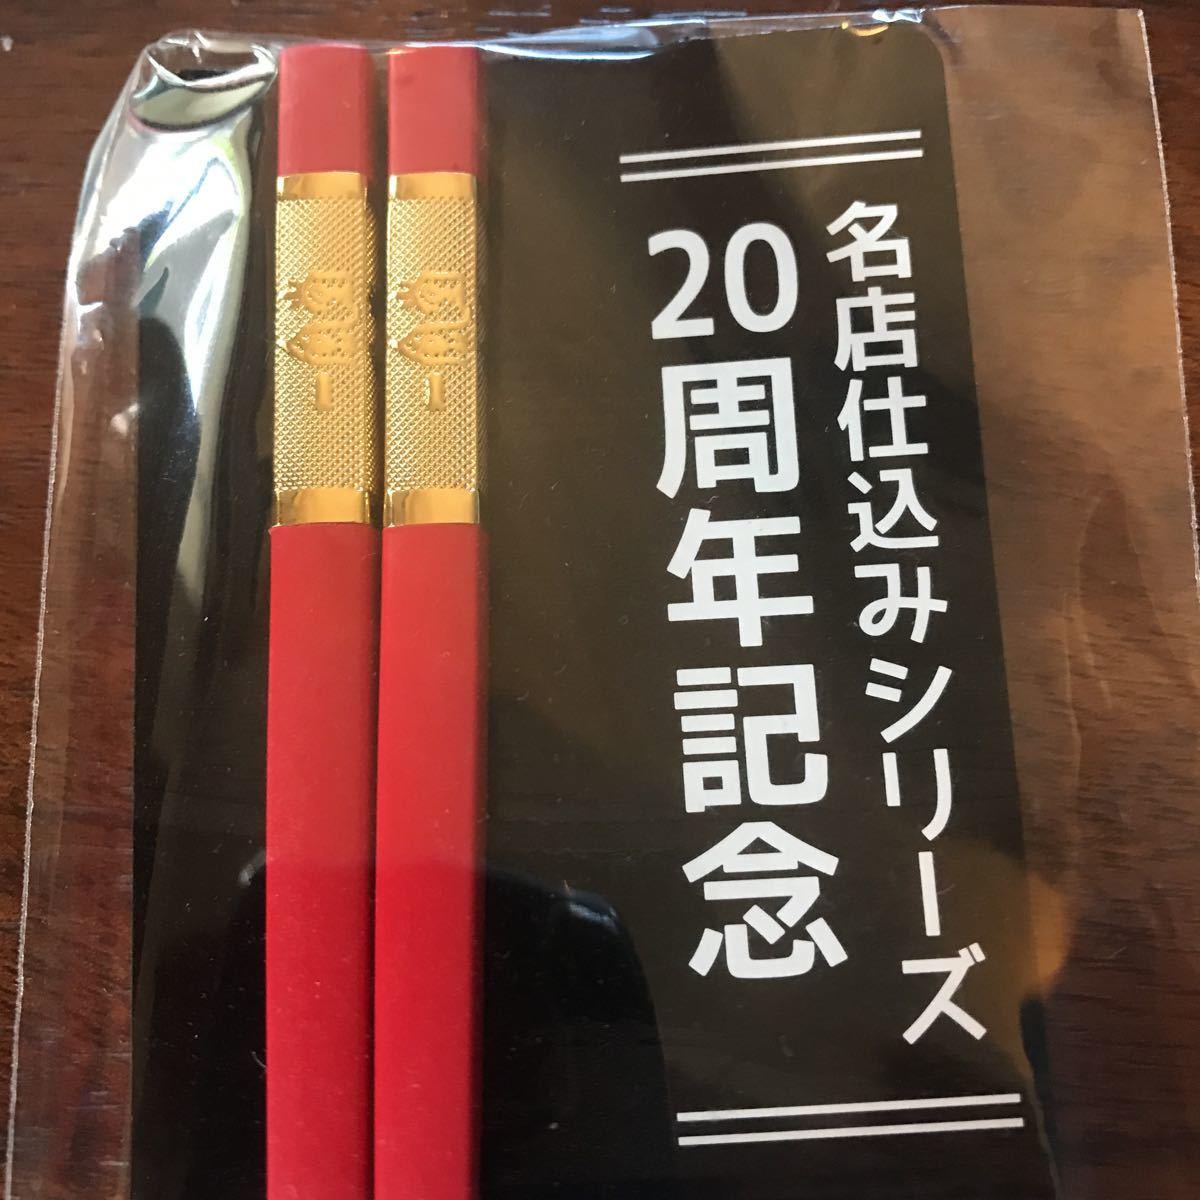 【限定】一風堂 箸と箸置きセット セブンイレブン限定ノベルティ_画像2